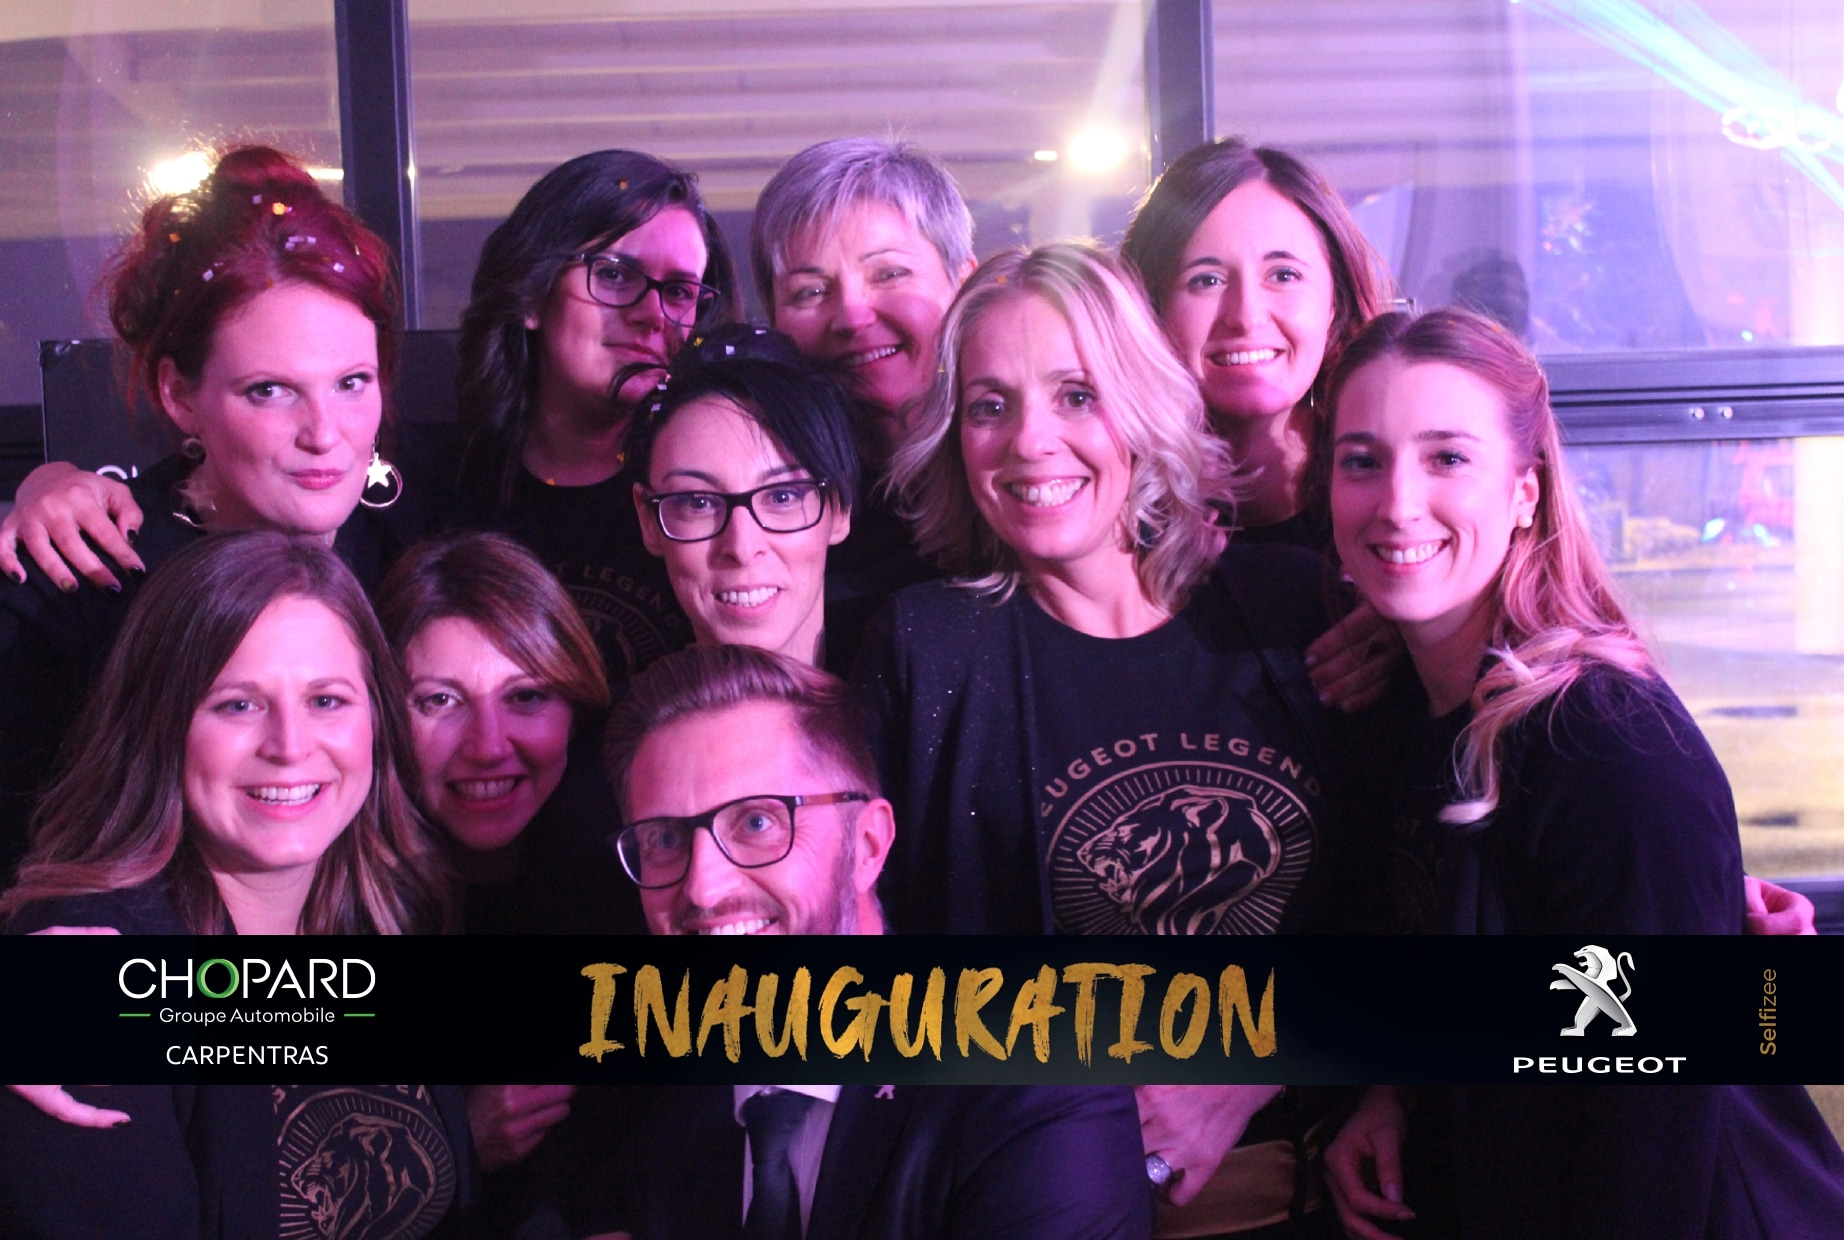 Animation borne photo à la soirée d'inauguration du groupe Chopard Automobile au magasin Peugeot Réseau Carpentras près d'Avignon en 2019 pour selfies visiteurs et collaborateurs